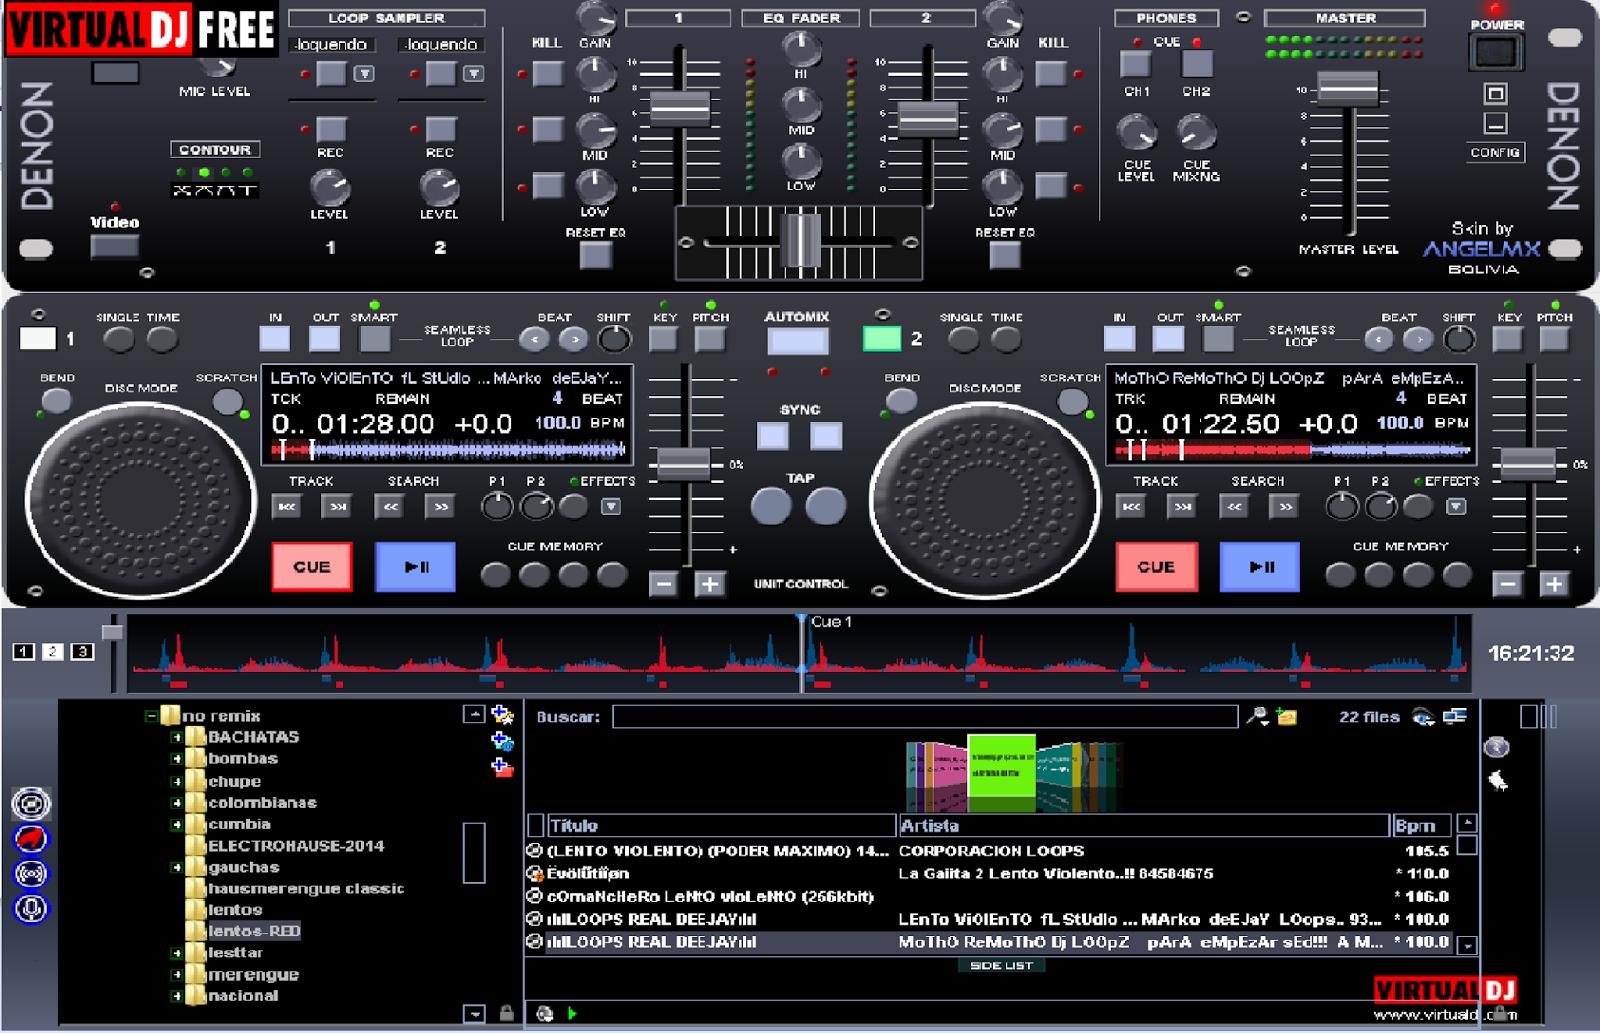 tienda virtual lesttarmc: Skins para Virtual dj Virtual Dj Skins Denon